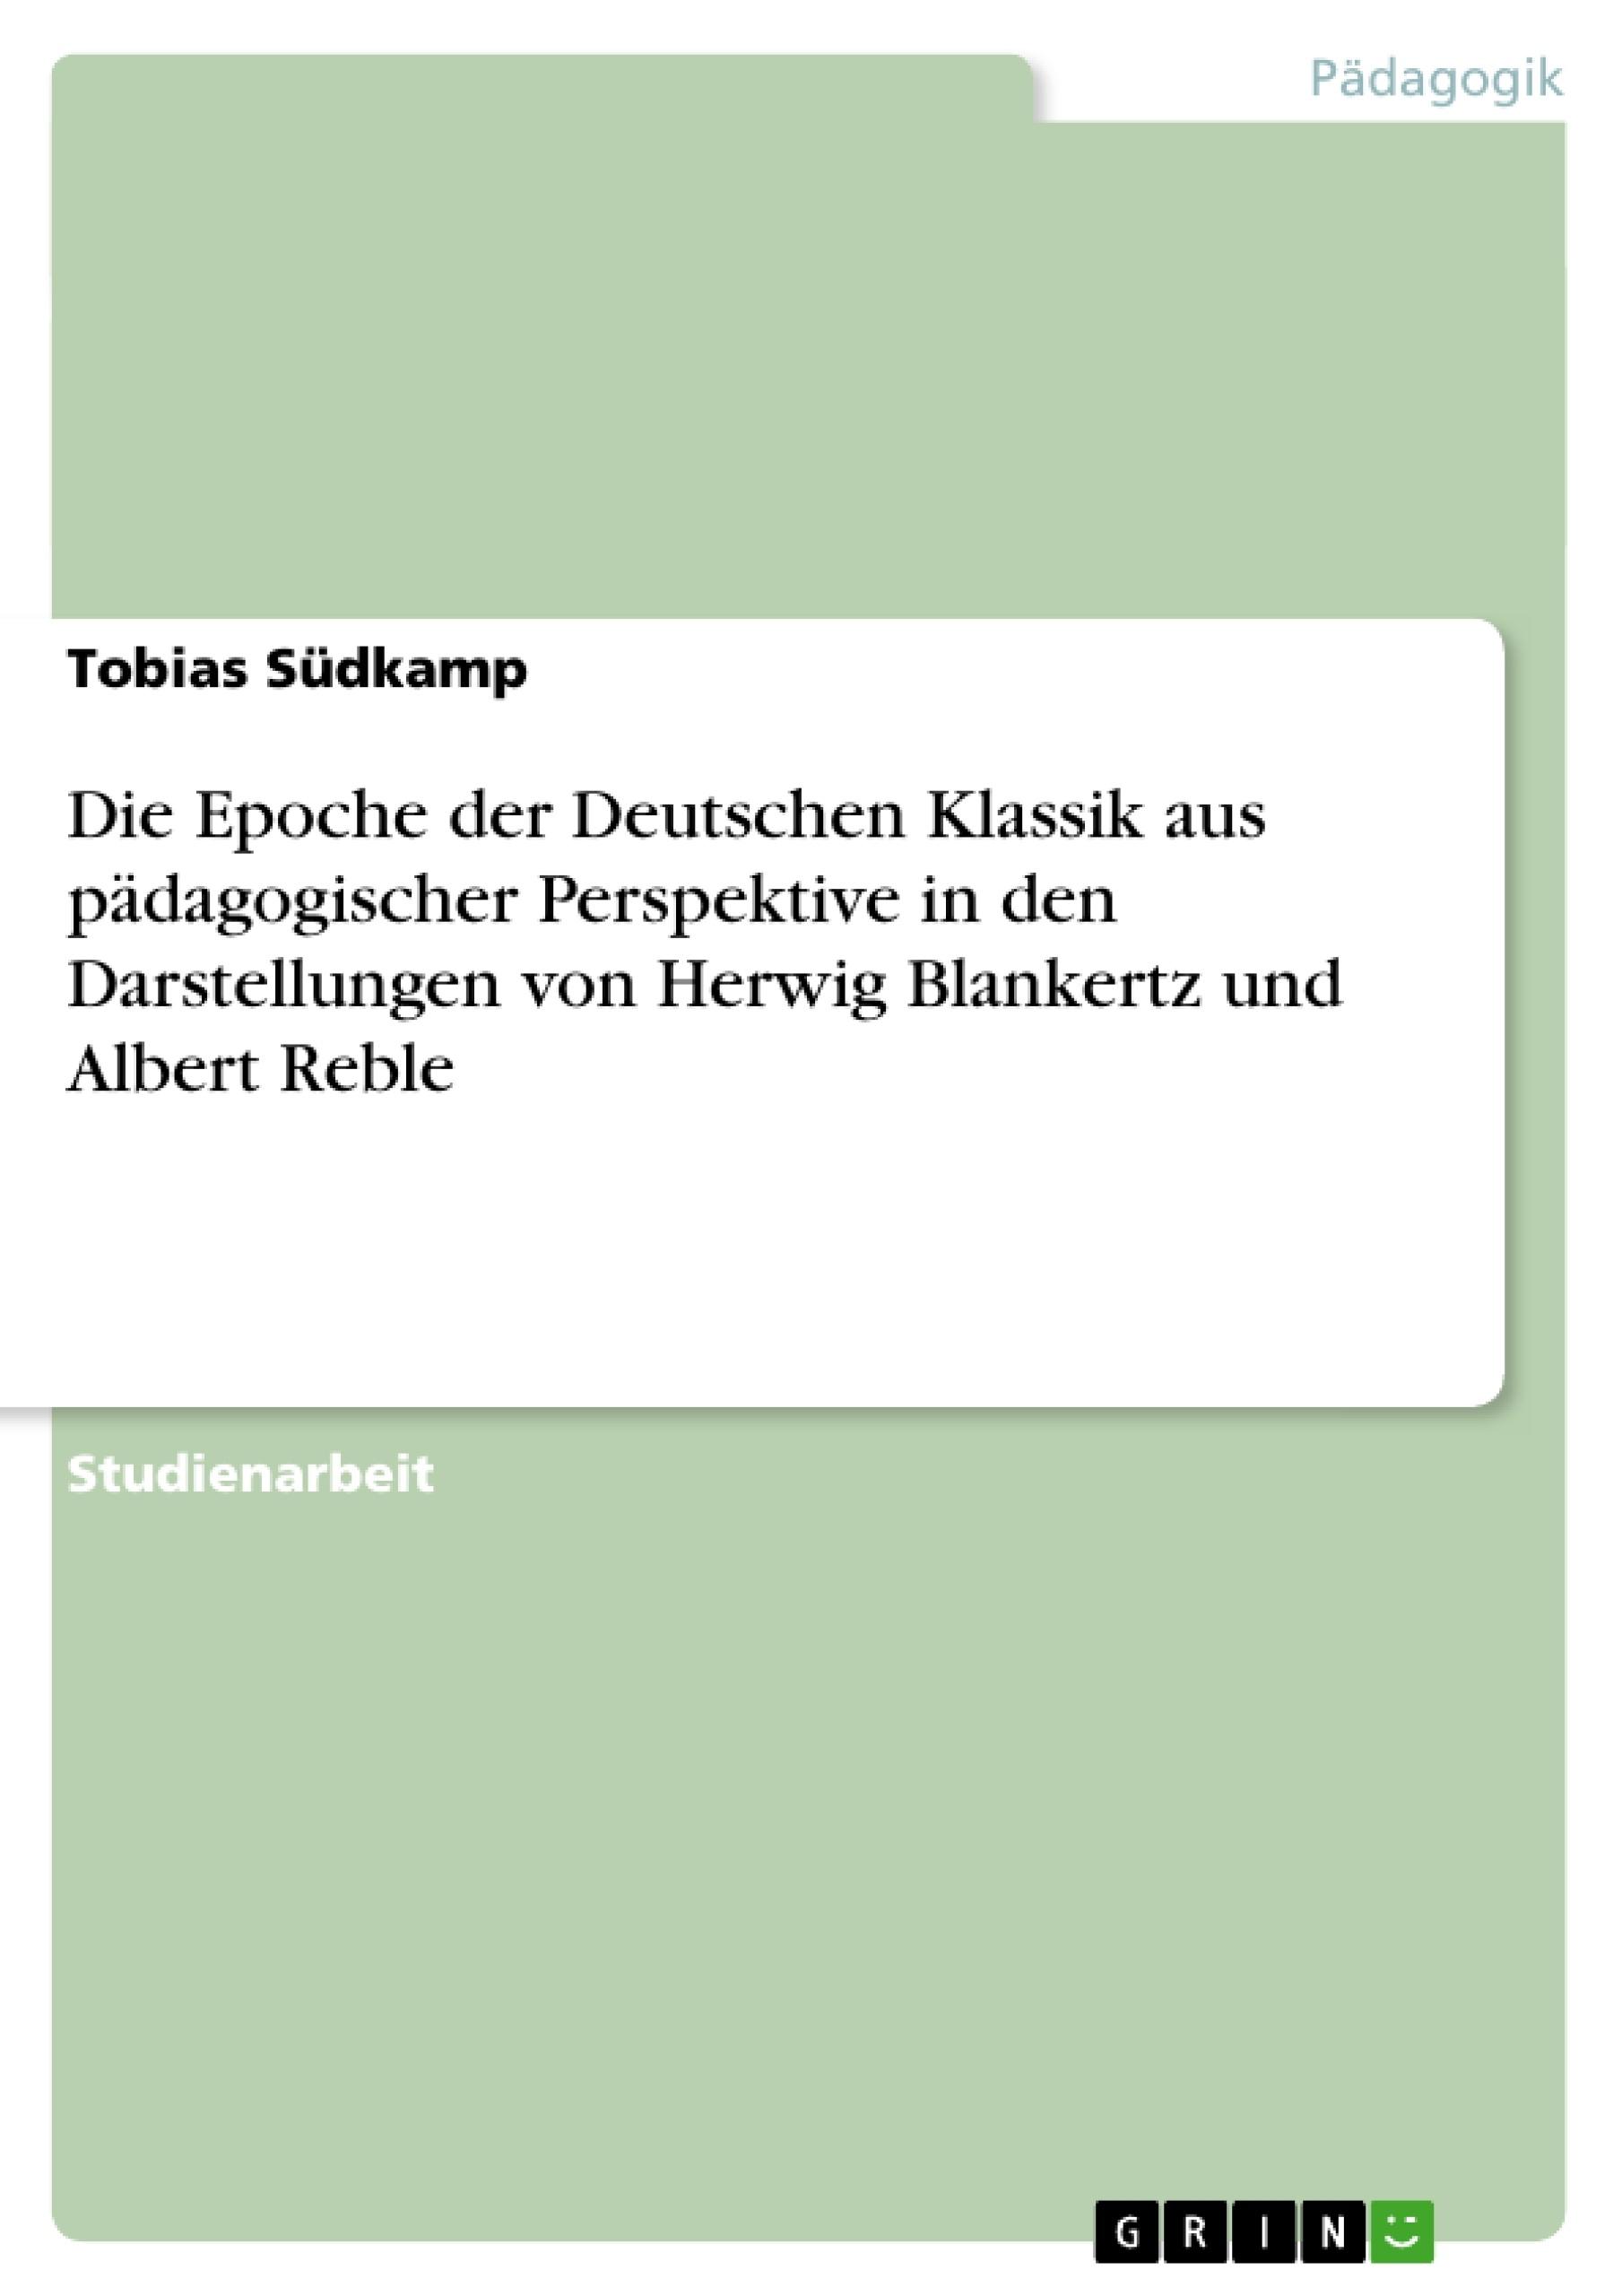 Titel: Die Epoche der Deutschen Klassik aus pädagogischer Perspektive in den Darstellungen von Herwig Blankertz und Albert Reble